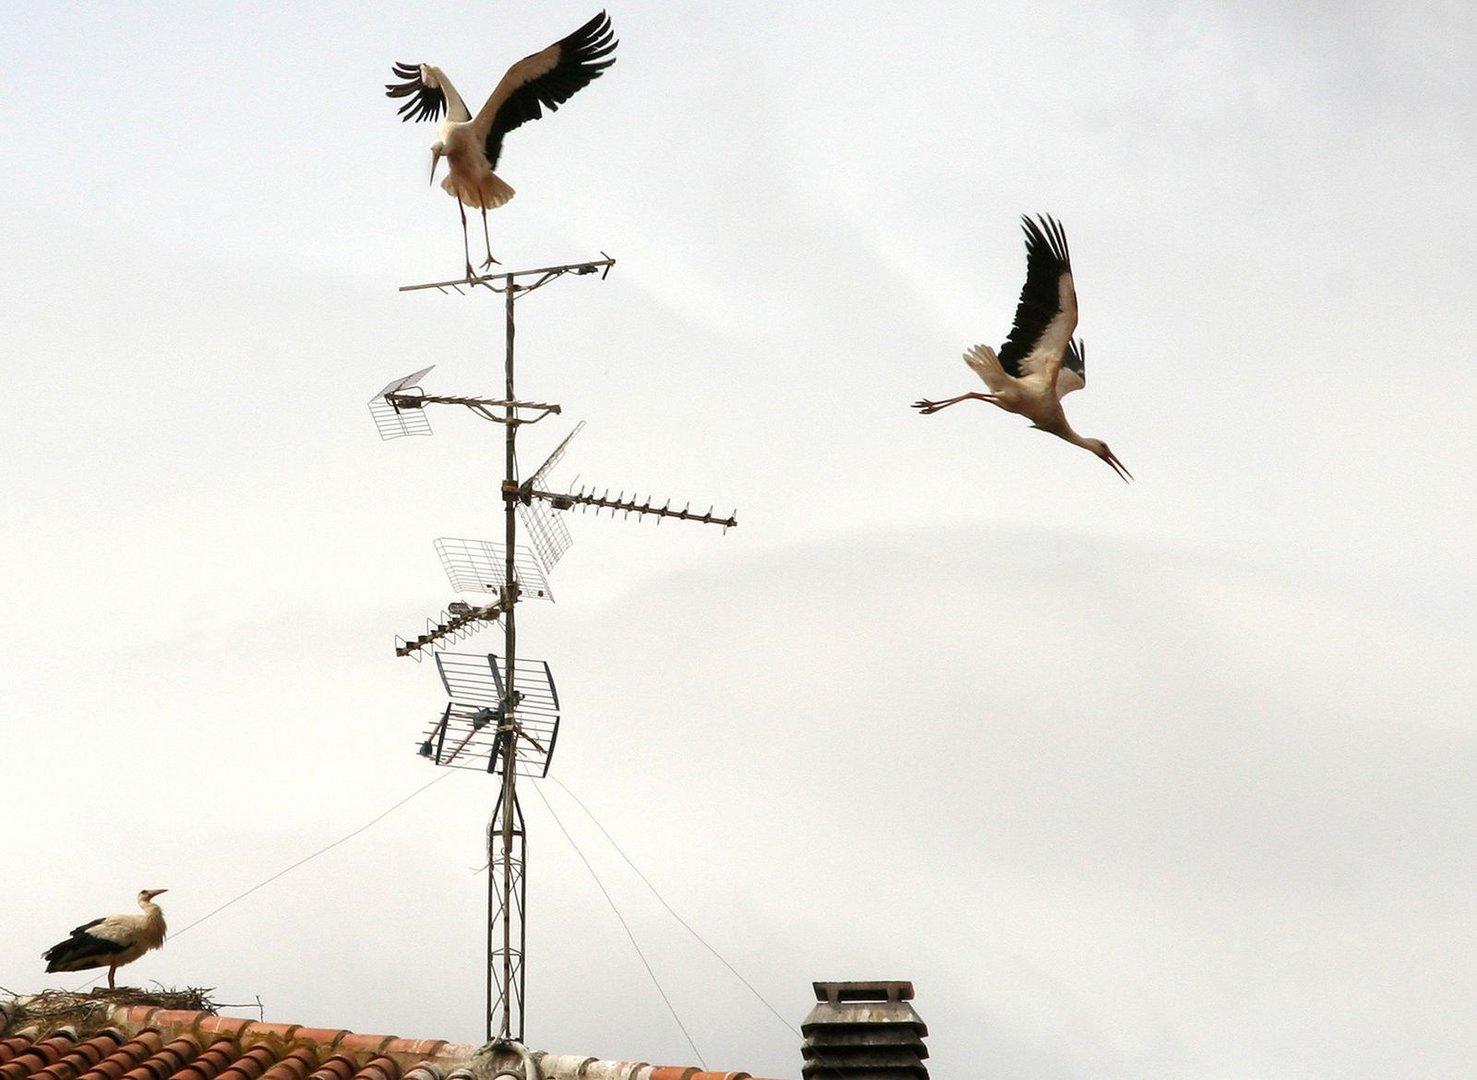 En los tejados de Alfaro (La Rioja), cada cigüeña trata de construir y proteger su nido